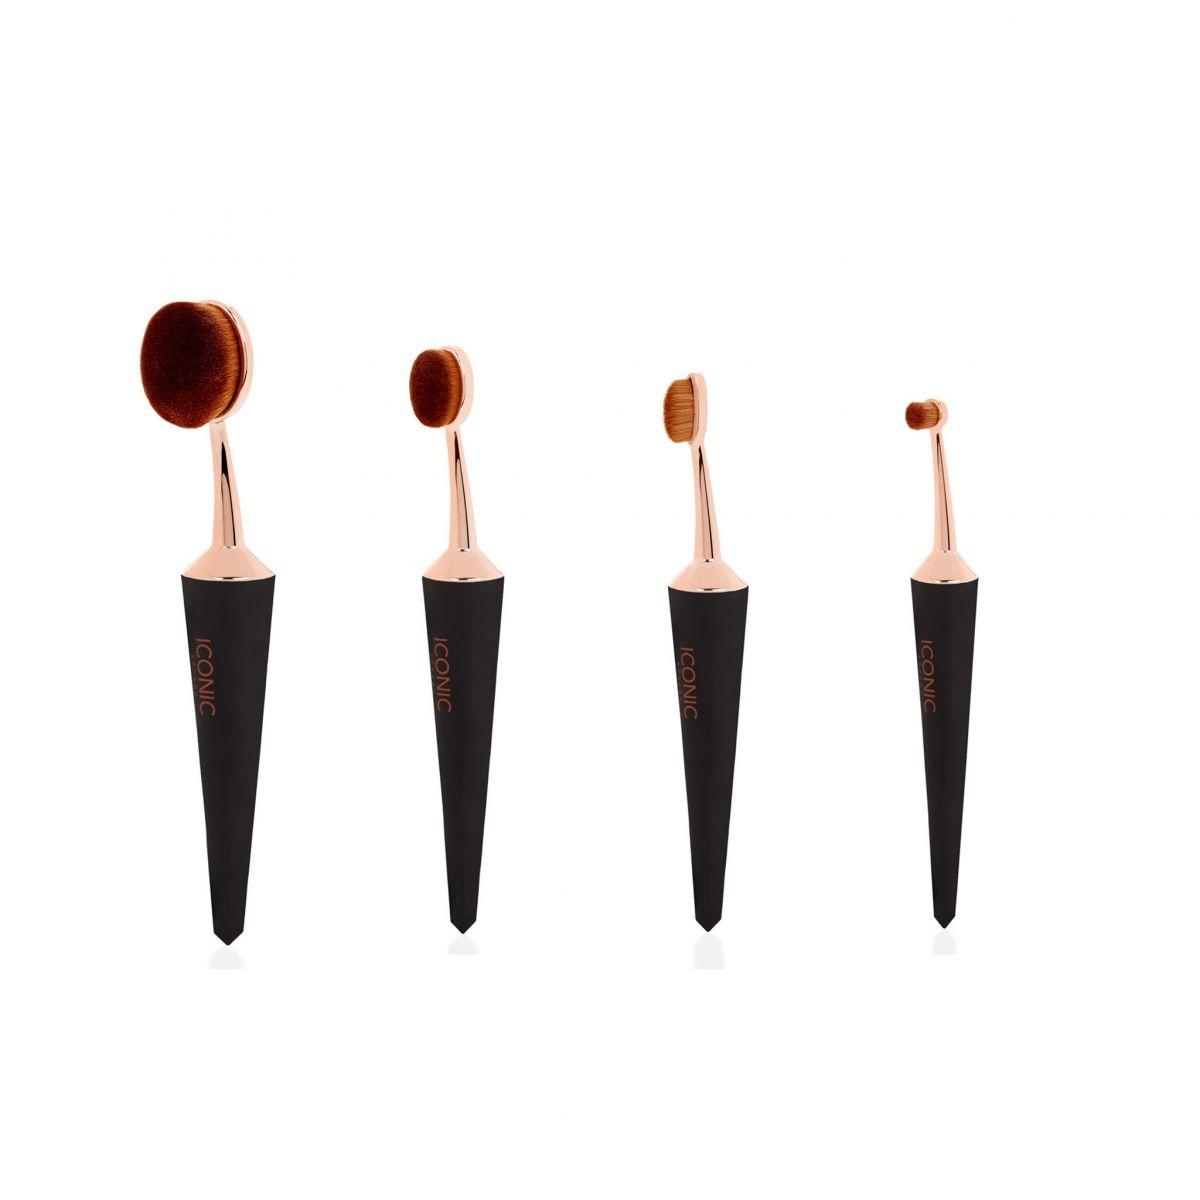 Набор кистей для макияжа ICONIC LONDON Black (4 шт)